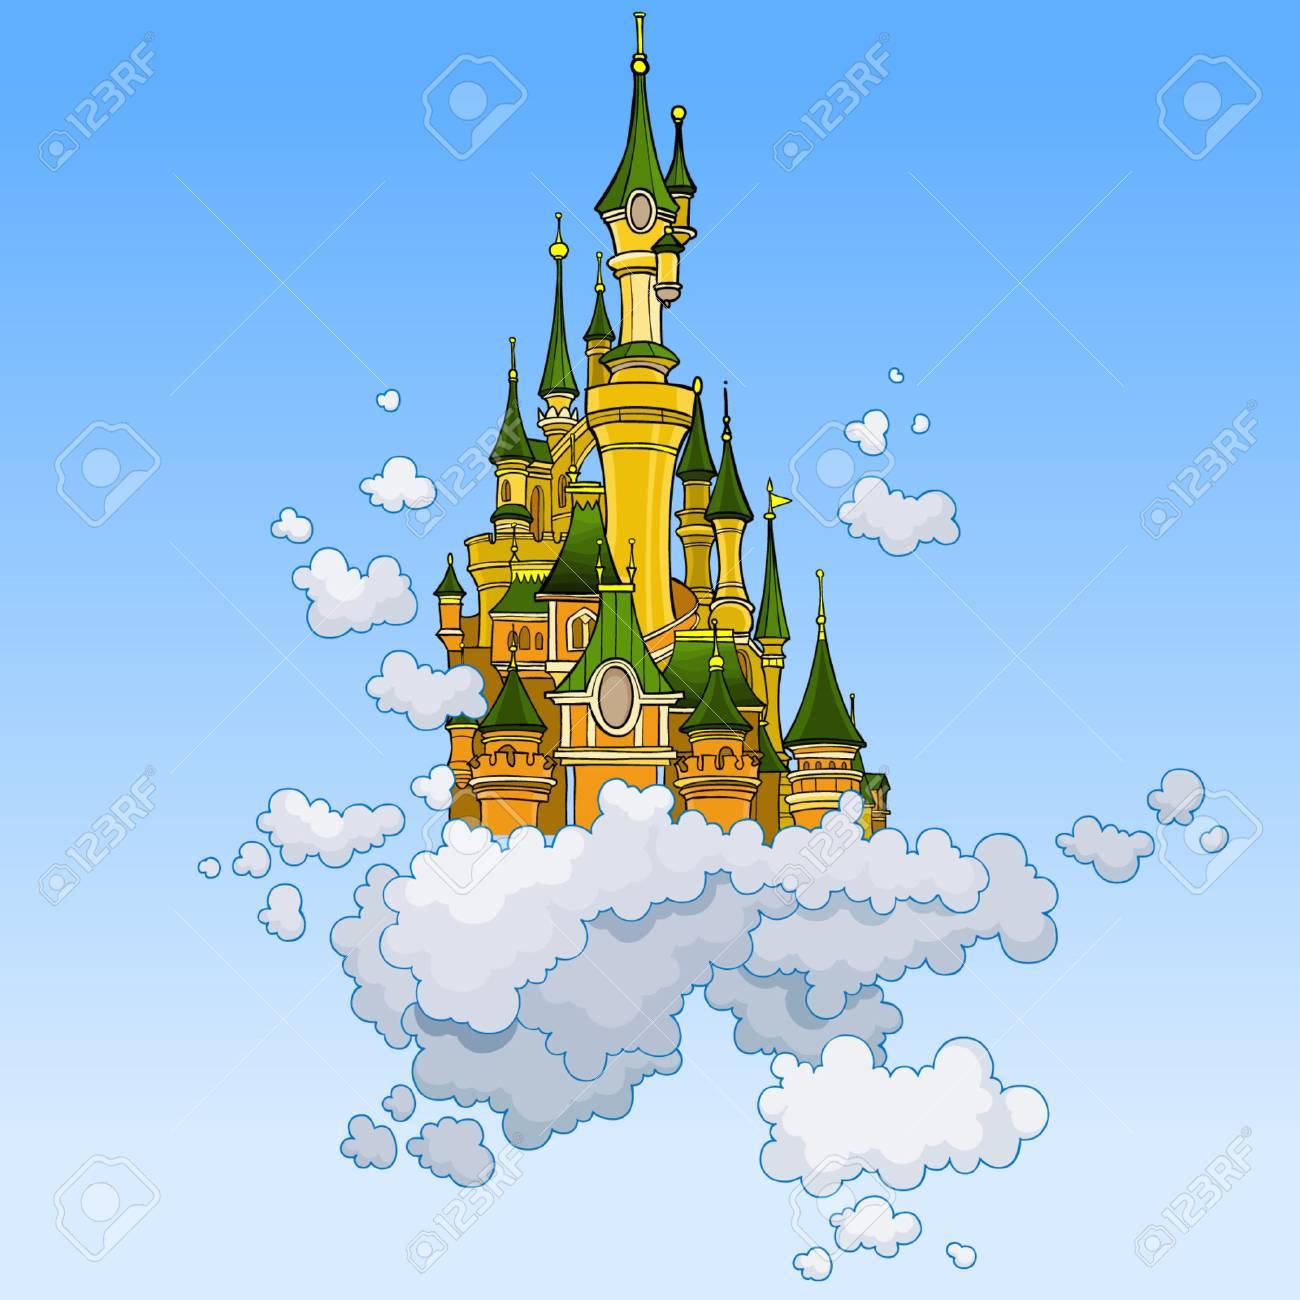 Un Chateau Dans Les Nuages château fantastique dessin animé voler dans les nuages